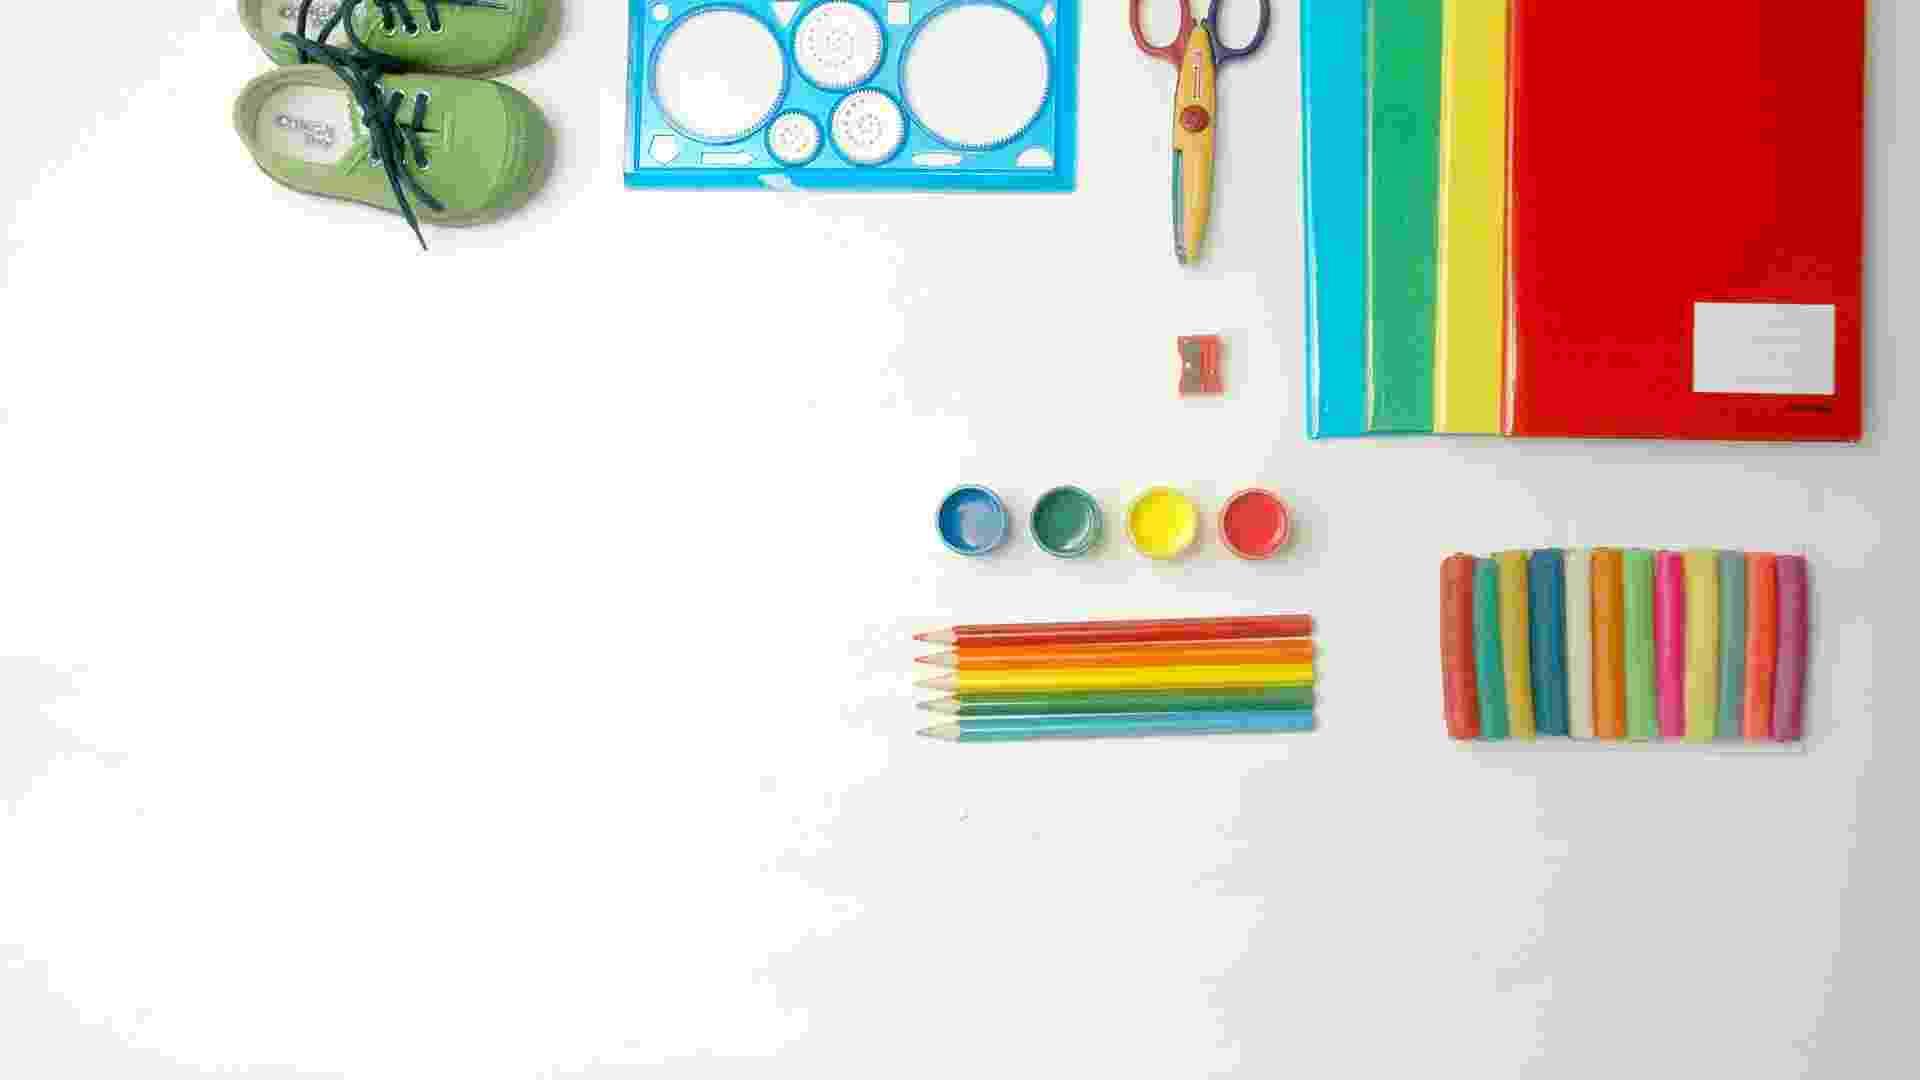 A escola pode colocar na lista itens de material escolar de uso pessoal, como cadernos, lápis, lápis de cor e canetinhas. Prazos de entrega podem ser negociados entre pais e professores. A escola, no entanto, não pode vincular a entrega do material a penalidades pedagógicas ao aluno - Marcelo Soares/Folhapress